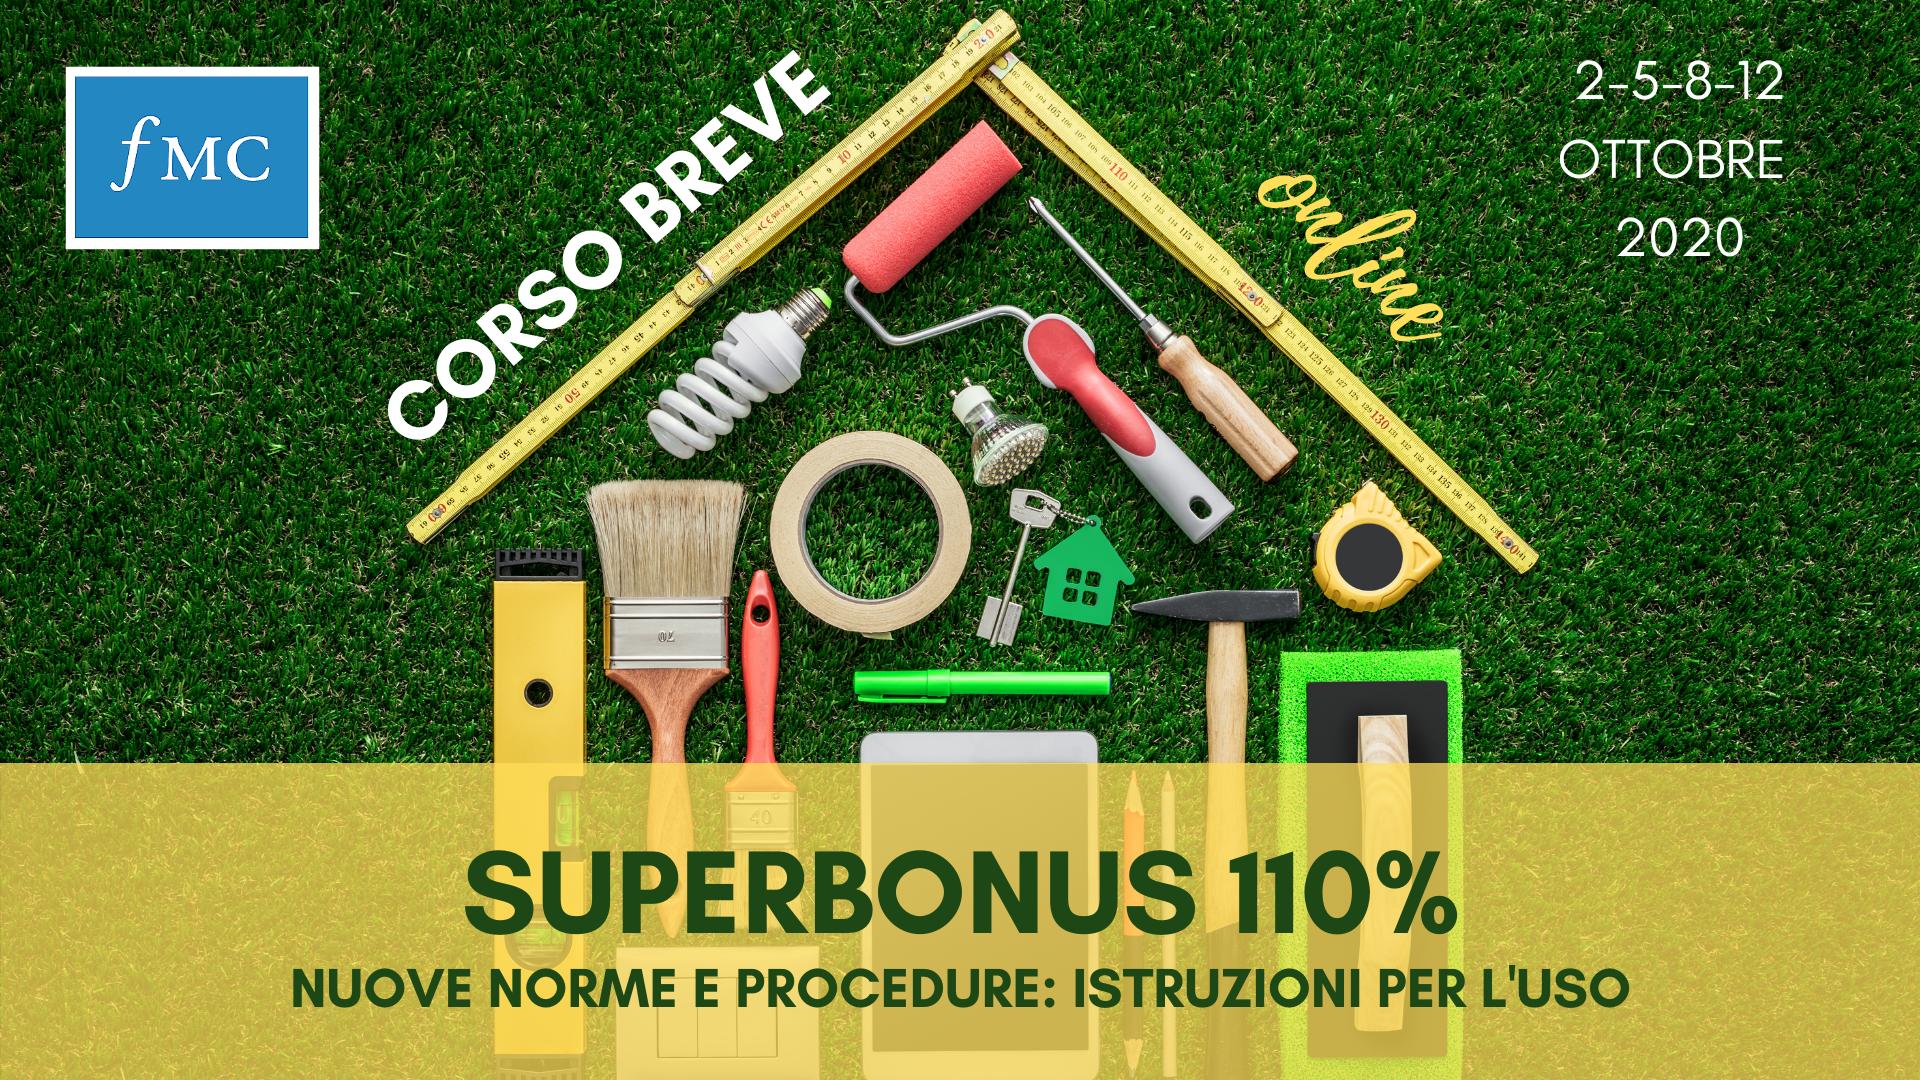 SUPERBONUS 110%. Nuove norme e procedure: istruzioni per l'uso